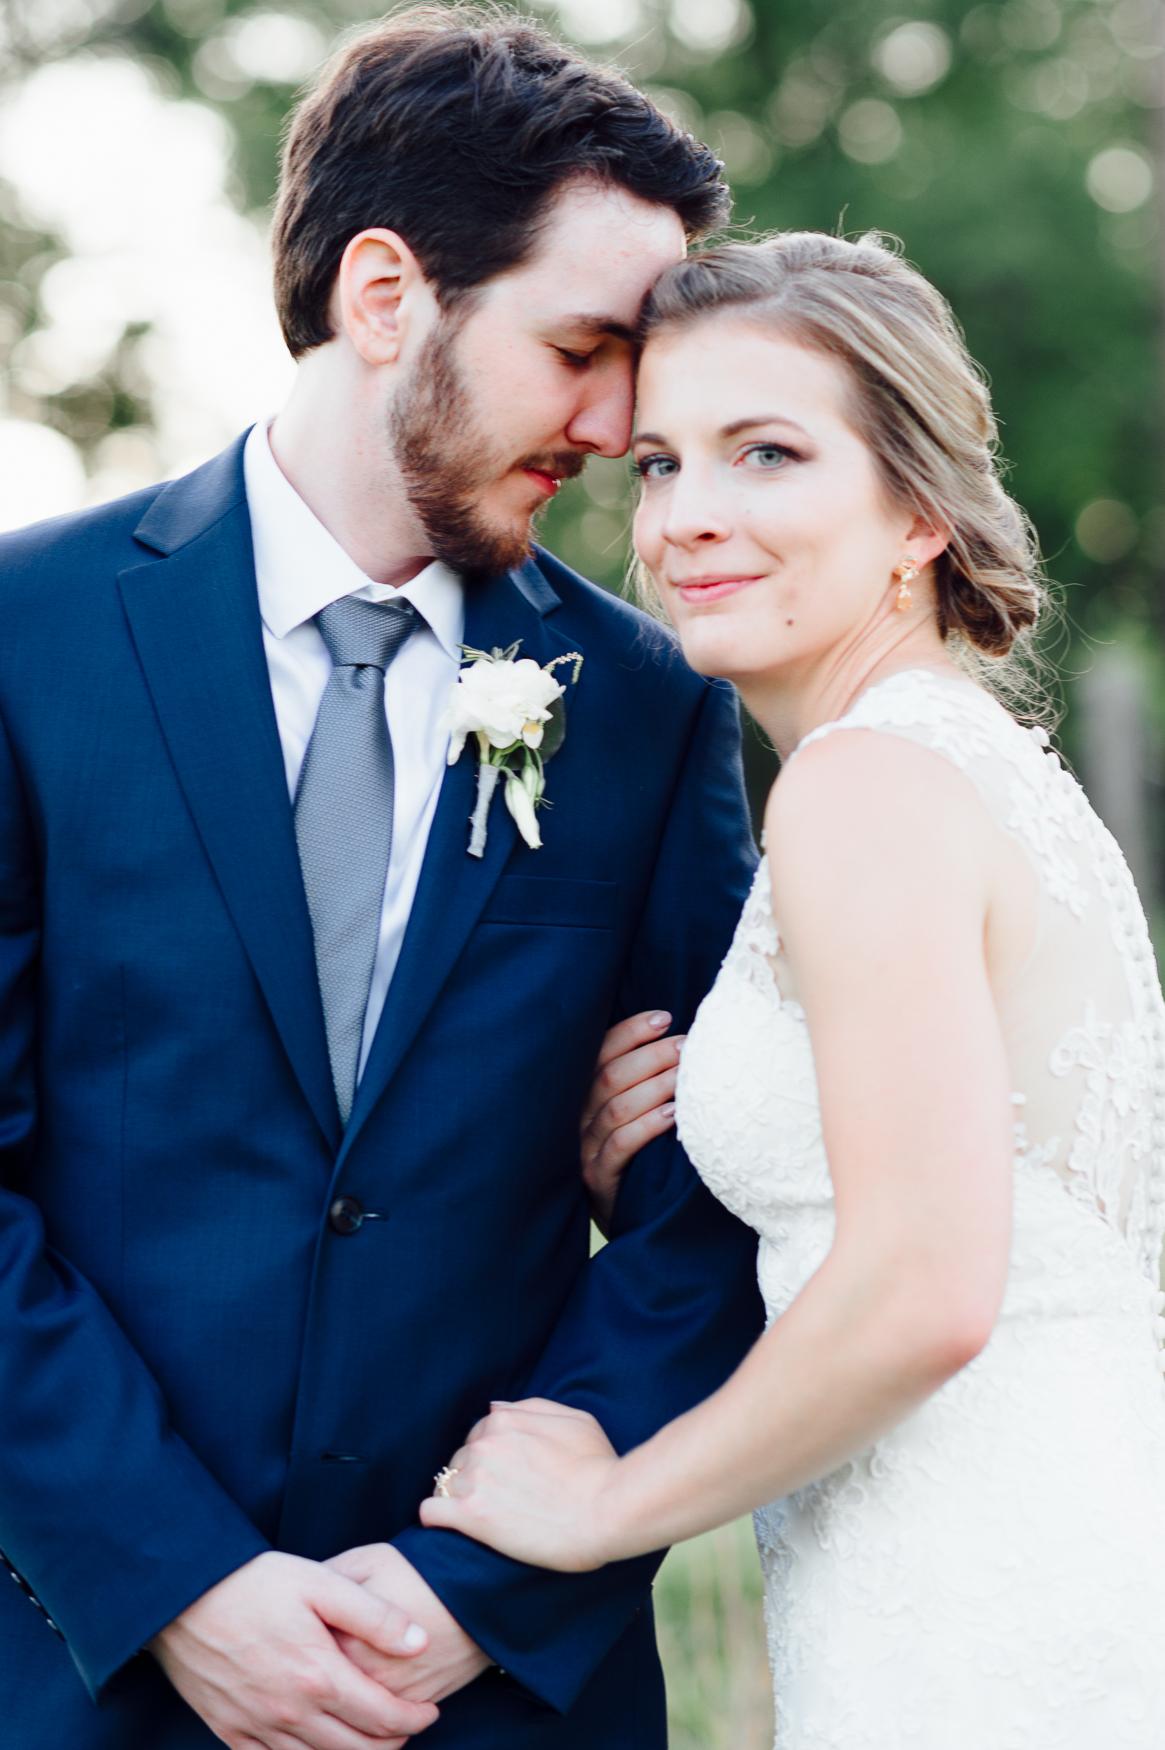 charlottesvillewedding_backyardwedding_virginia_youseephotography_CaitlinDerek (105).jpg